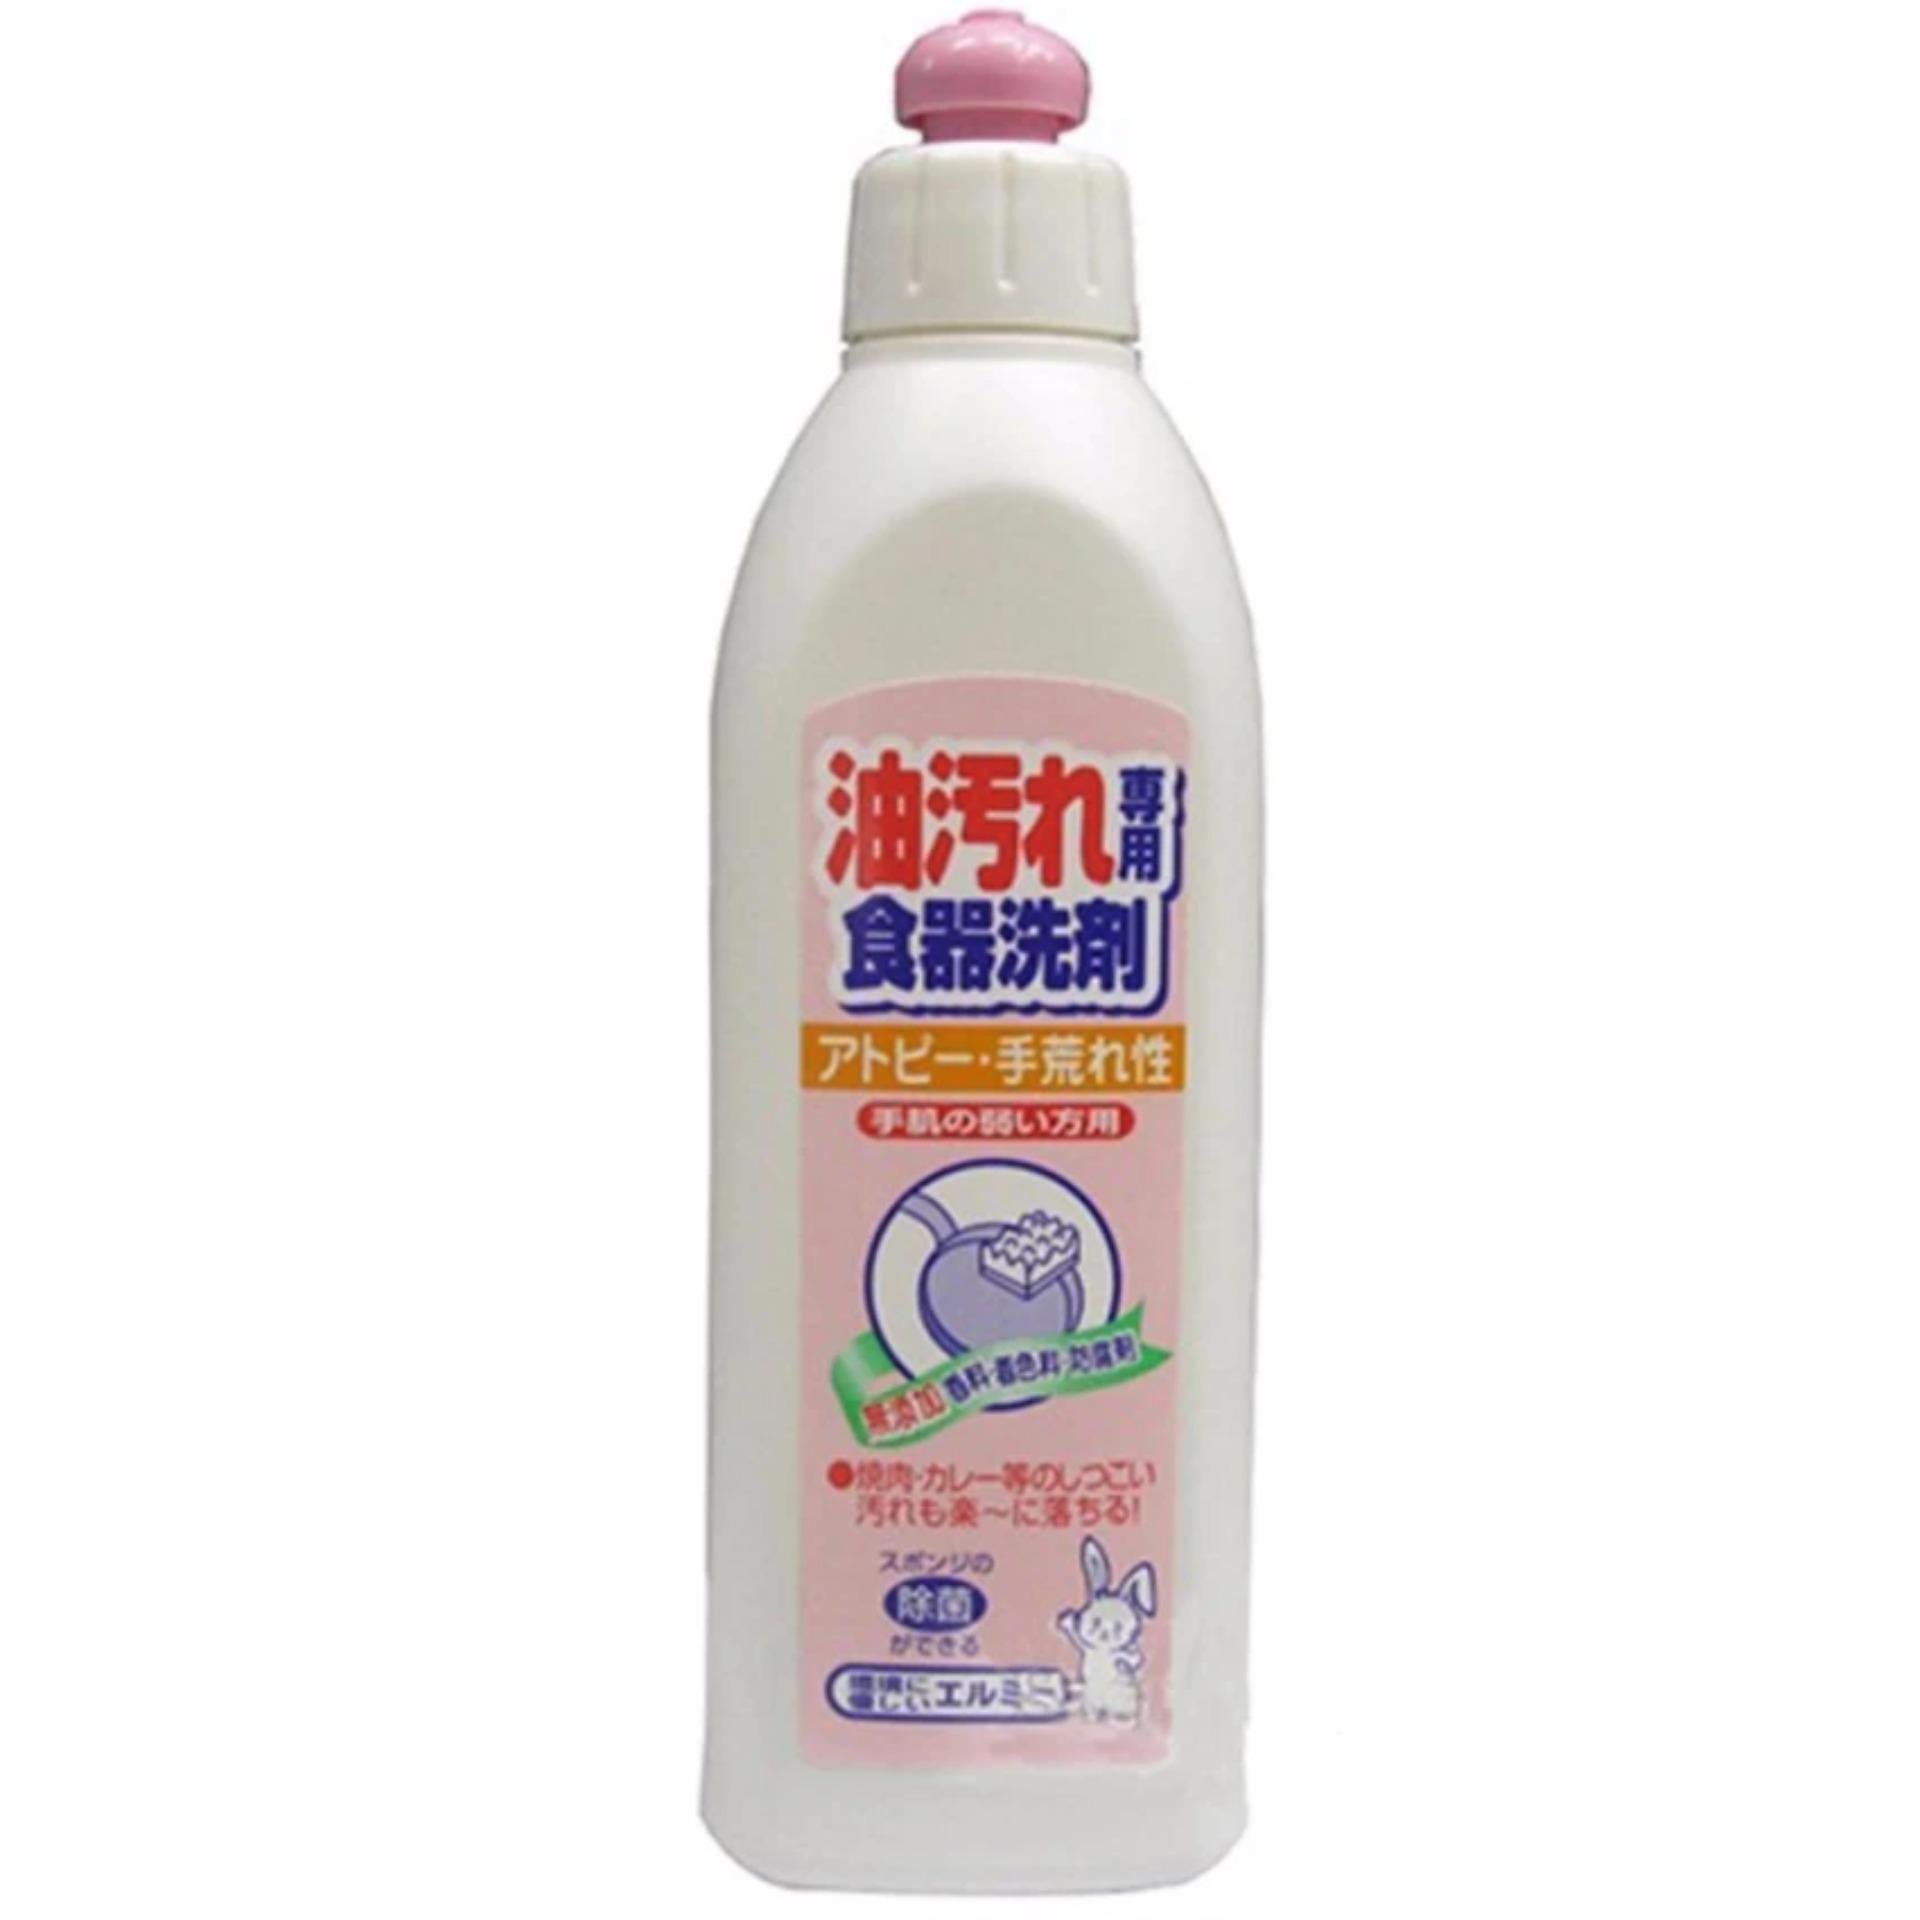 Nước rửa chén bát đậm đặc KOSE 300ml chiết xuất từ thiên nhiên - Hàng Nhật nội địa